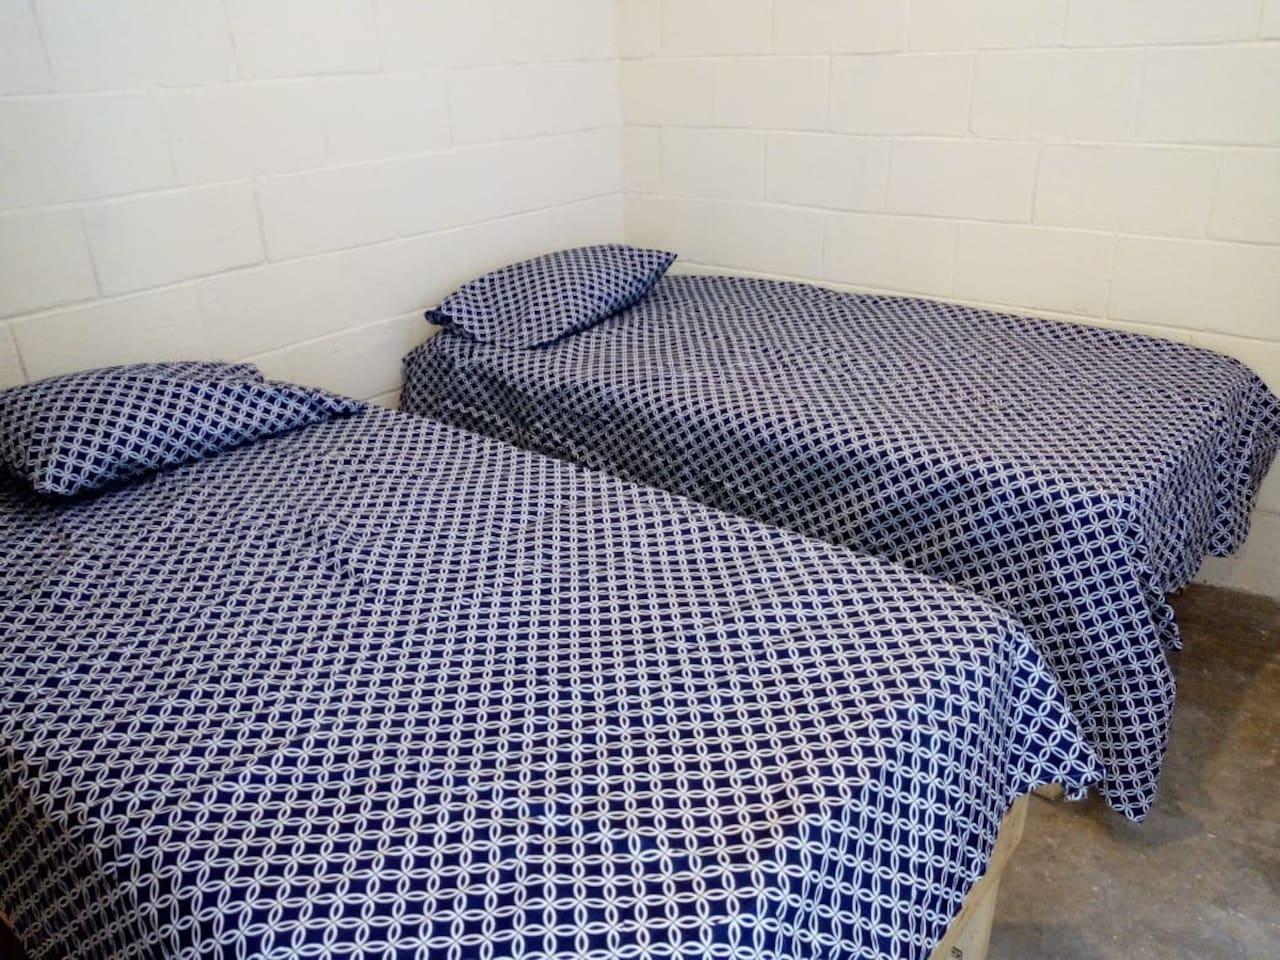 Una habitación con 2 camas individuales en primer piso, saliendo de la recamara esta ubicado el baño completo. Para entrar a la habitación condicionada se entra por la entrada principalmente de la casa.